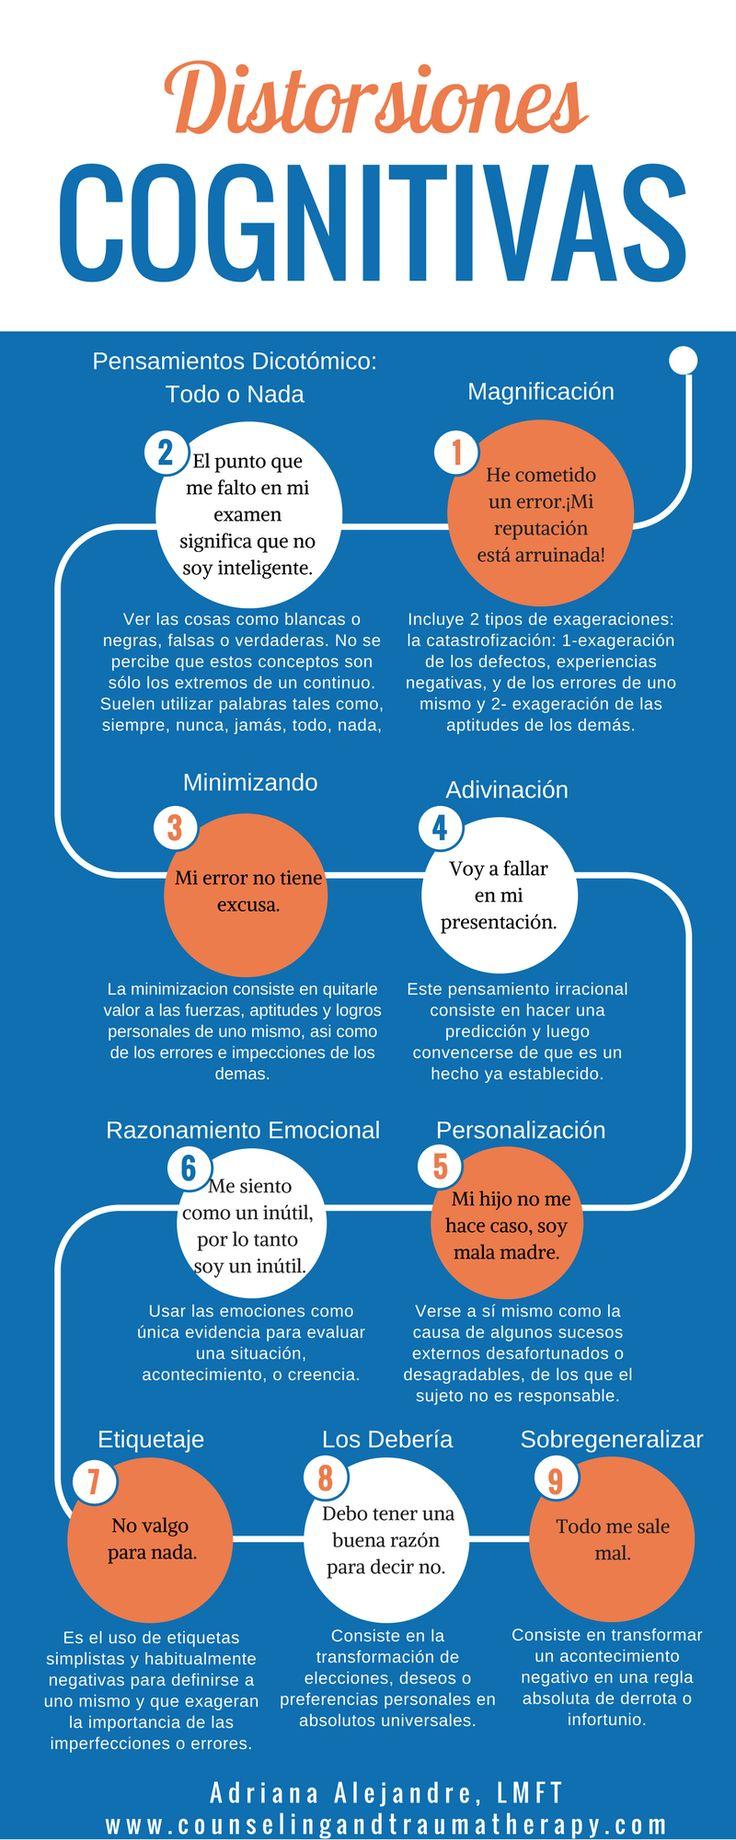 9 Tipos de Distorsiones Cognitivas. Adriana Alejandre, psicoterapeuta de adultos y adolecentes